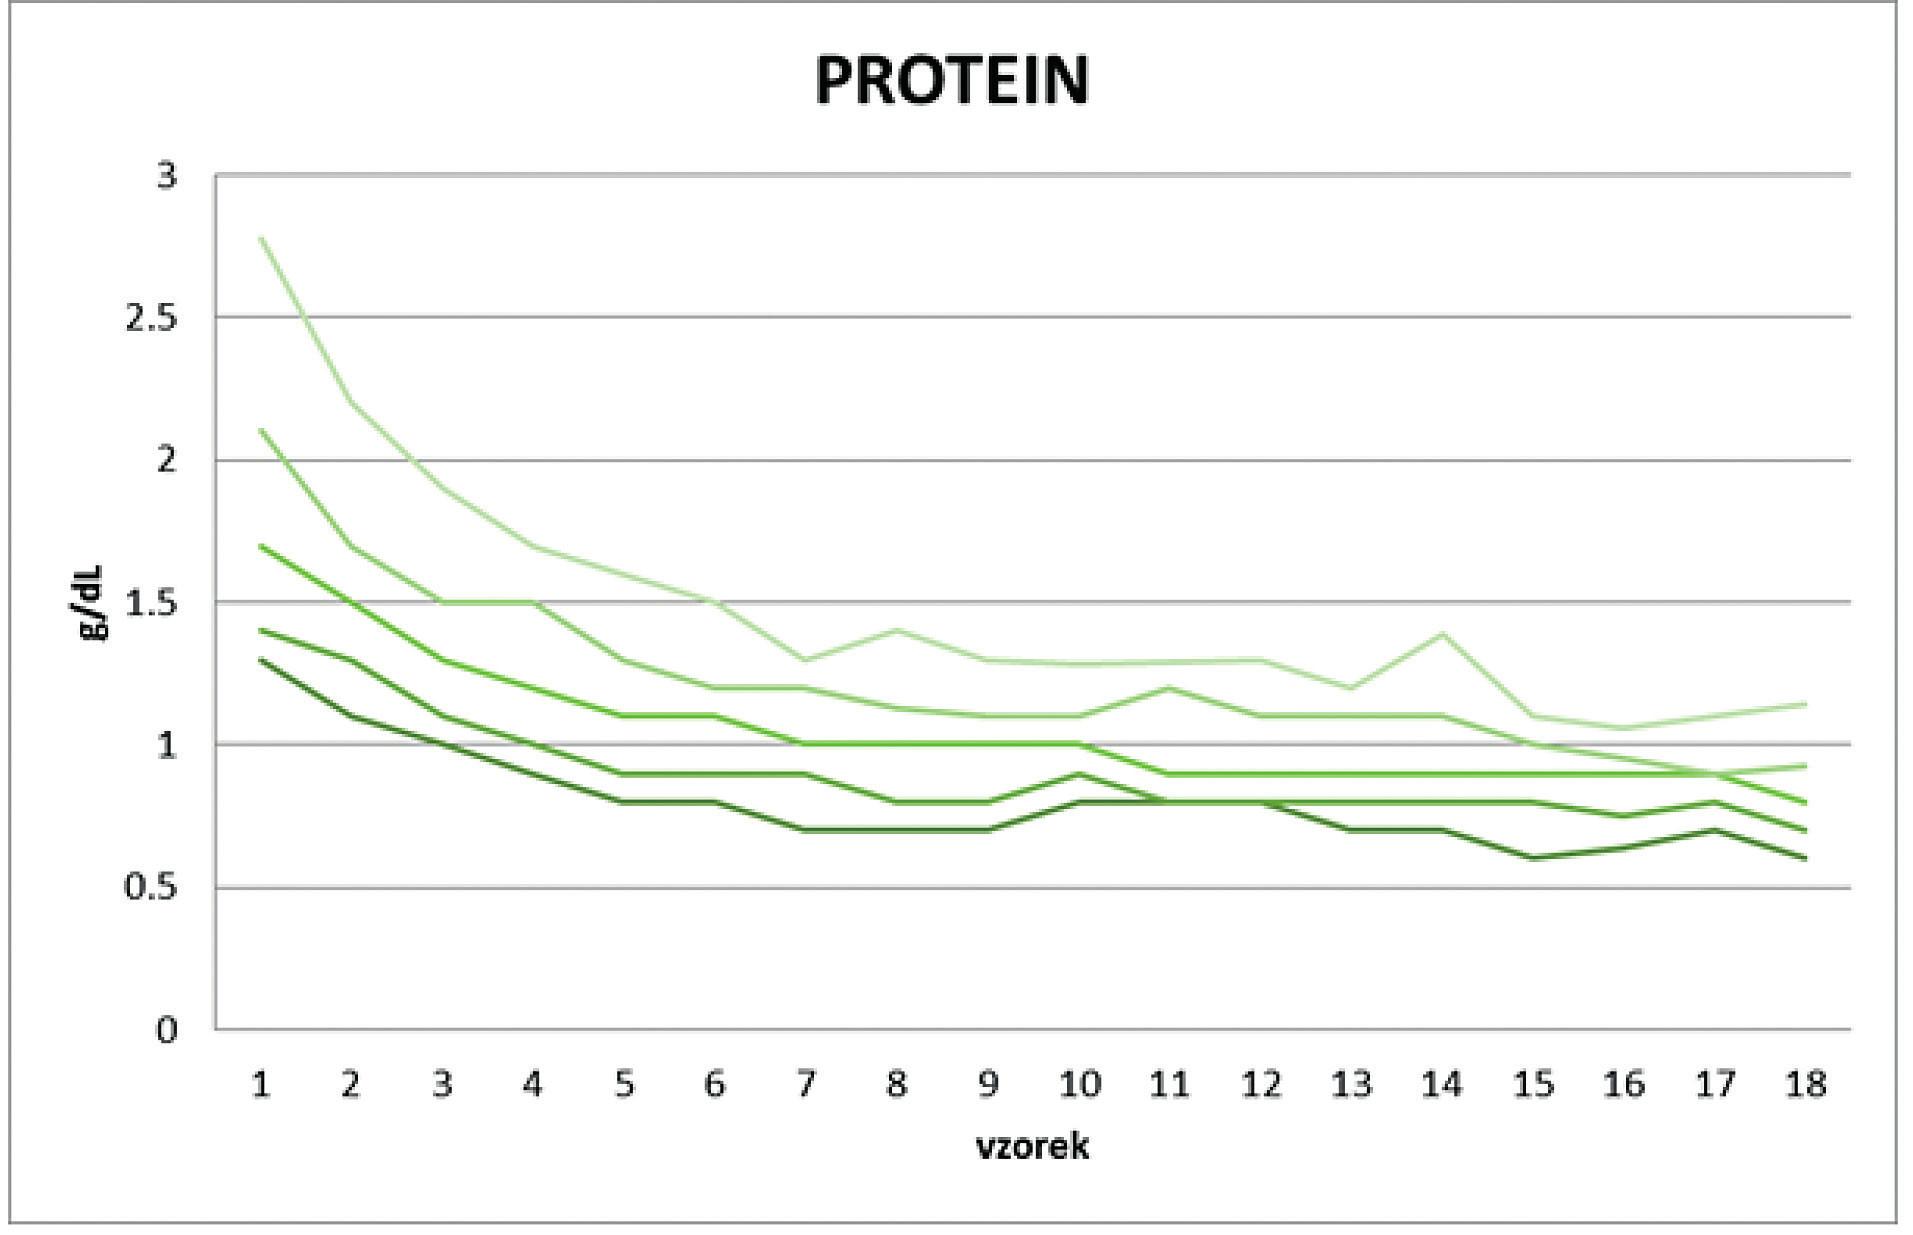 Čistá bílkovina v mateřském mléku celého souboru matek (skupina A + B) po předčasném porodu po dobu 9 týdnů (18 měření). Hodnoty jsou prezentovány v percentilovém grafu (10., 25., 50., 75., 90. percentil).